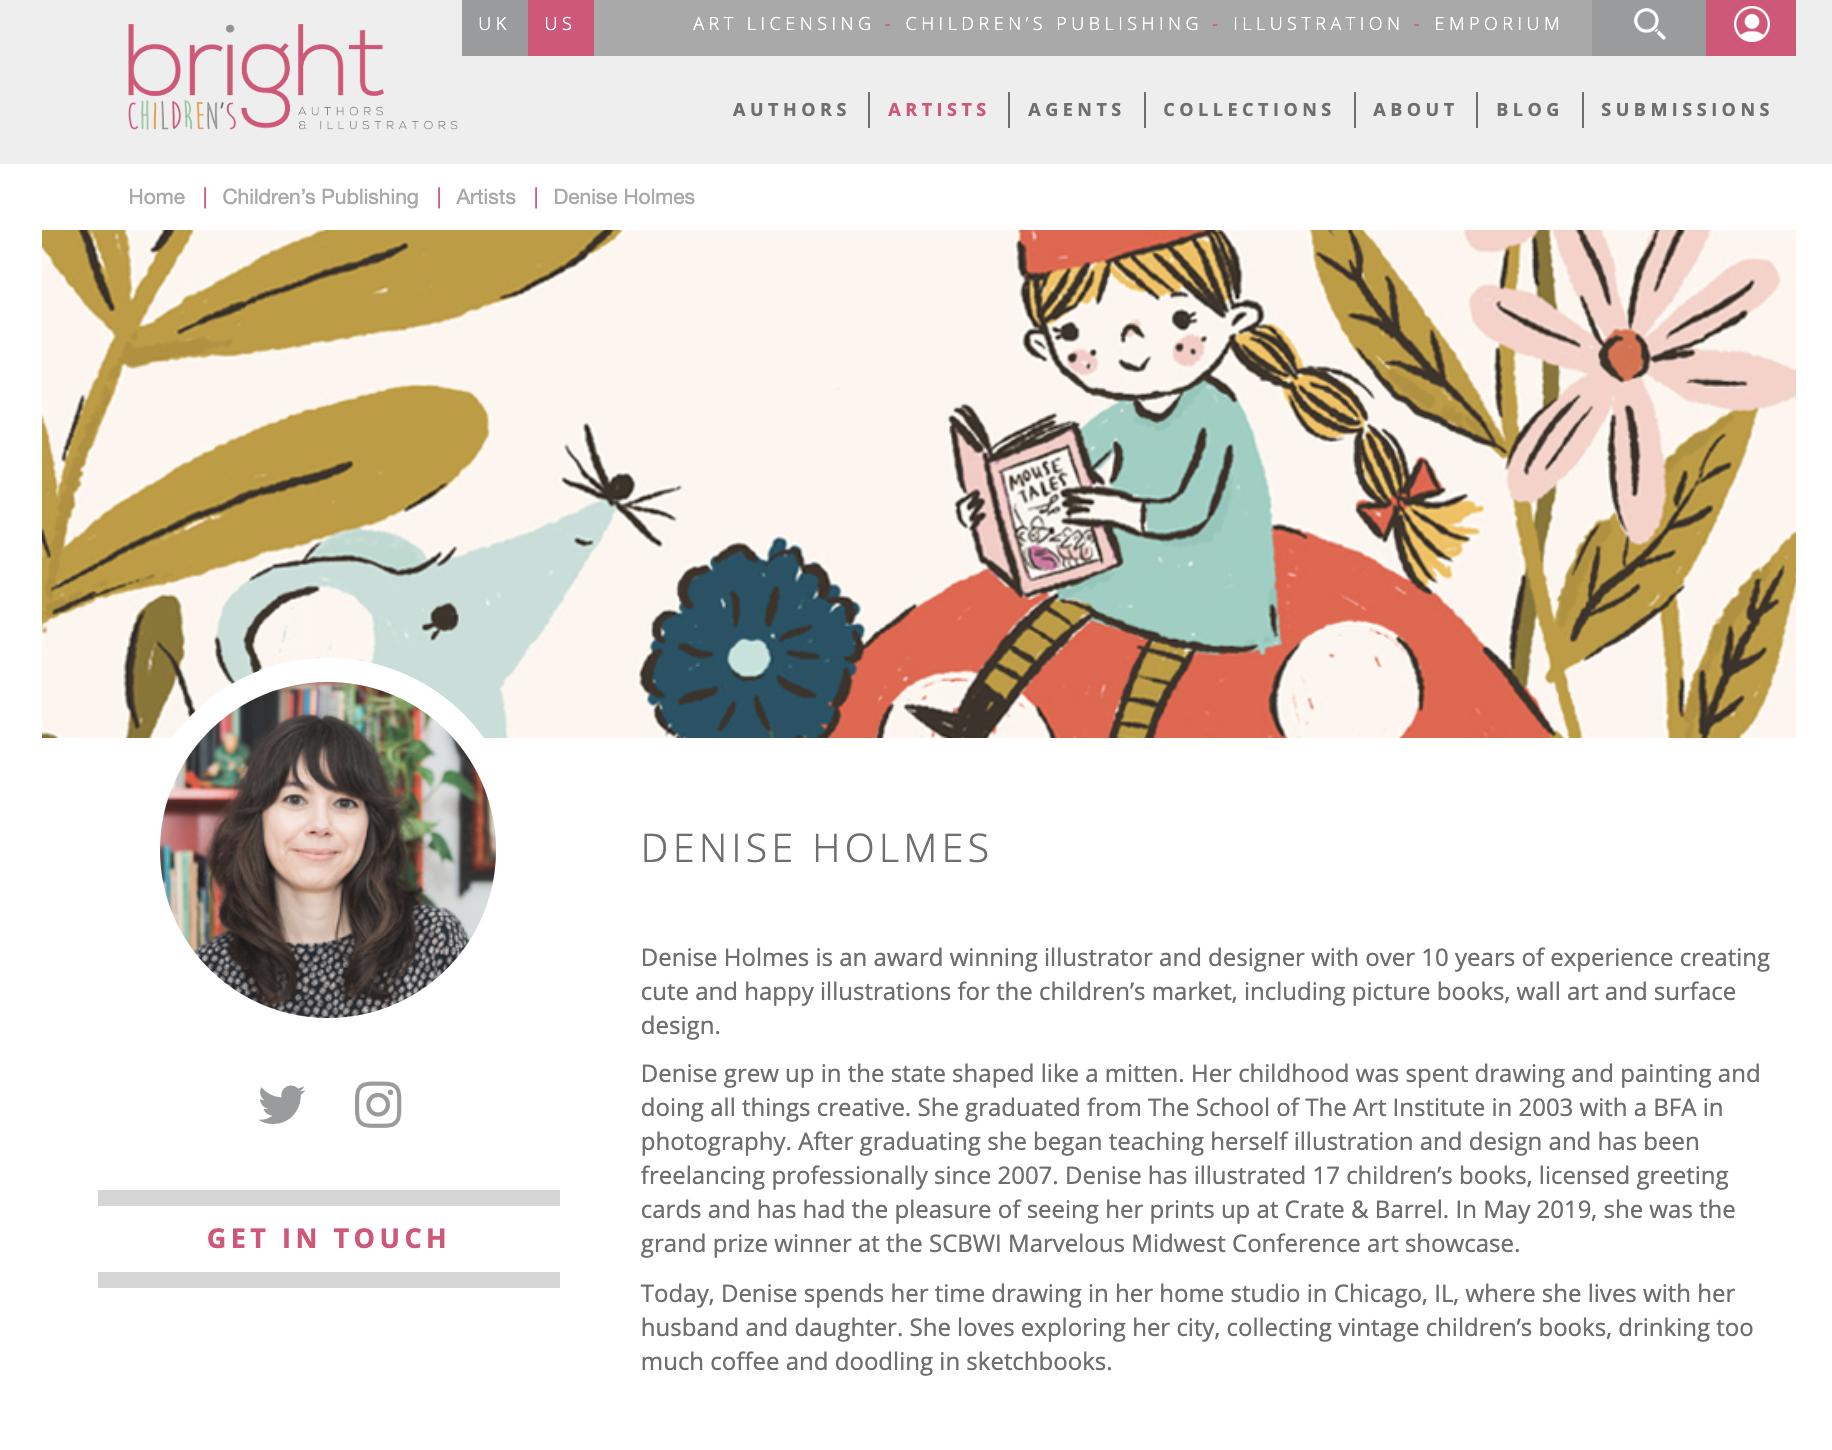 dholmes_brightagency